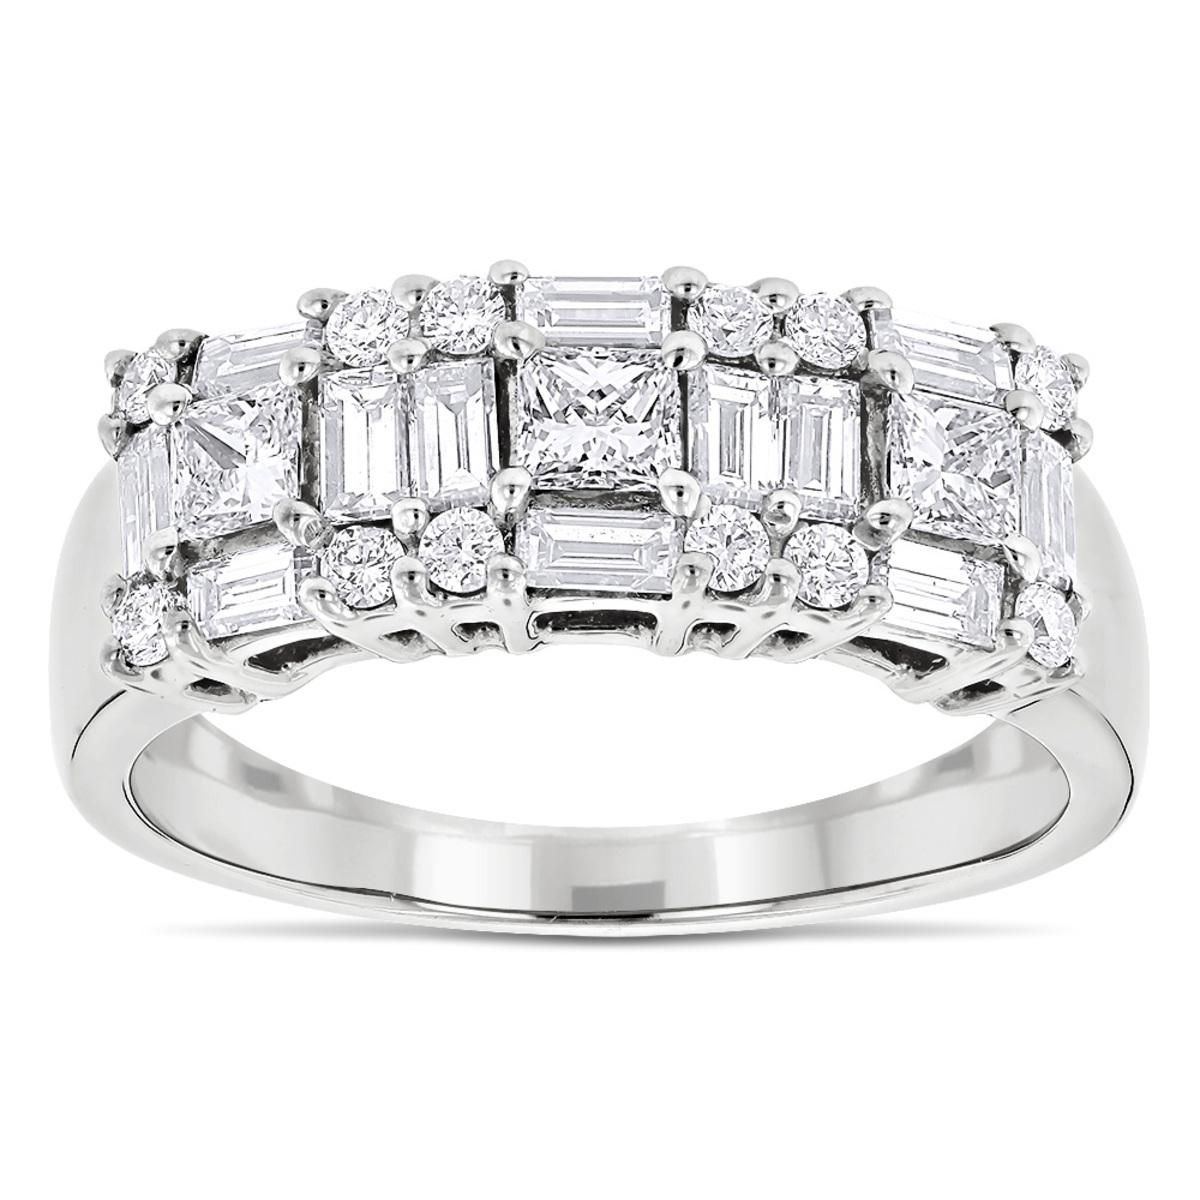 14K Gold Designer Diamond Wedding Band for Women 1.25ct